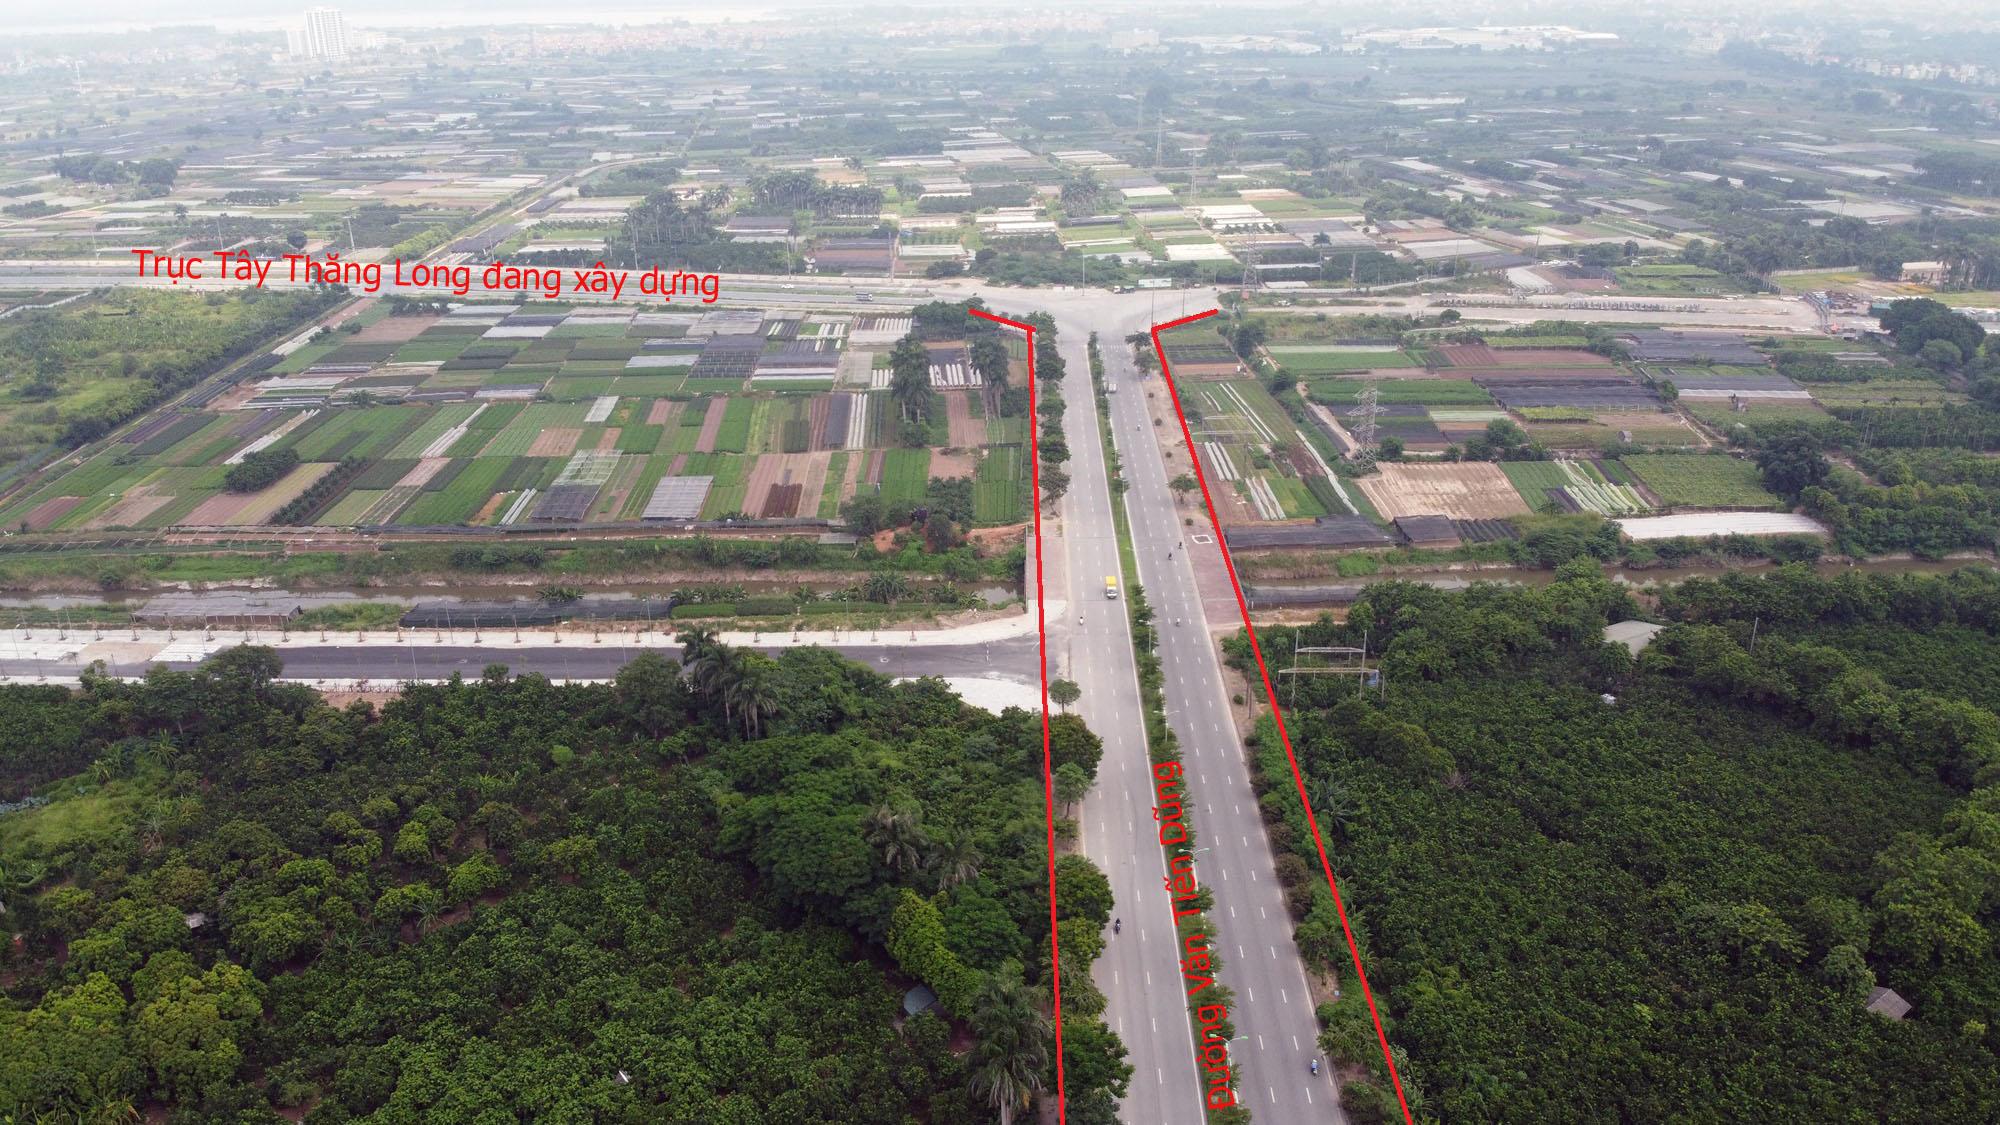 Đường sẽ mở theo qui hoạch ở Hà Nội: Toàn cảnh đường nối trục Tây Thăng Long đến gần Vành đai 4 - Ảnh 2.